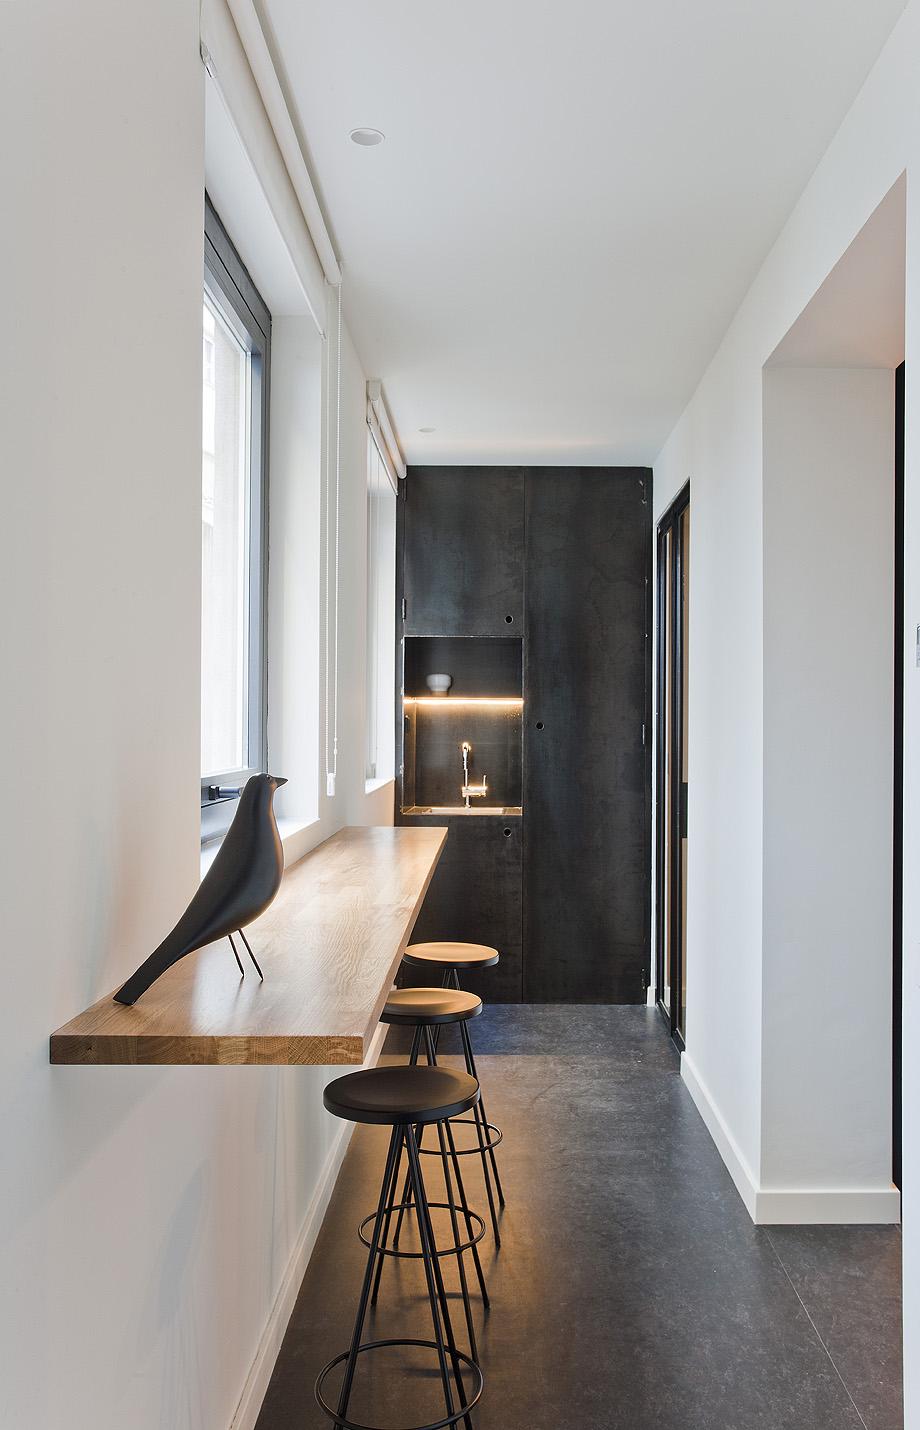 reforma oficinas logroño por rodar arquitectura - foto berta buzunariz (19)